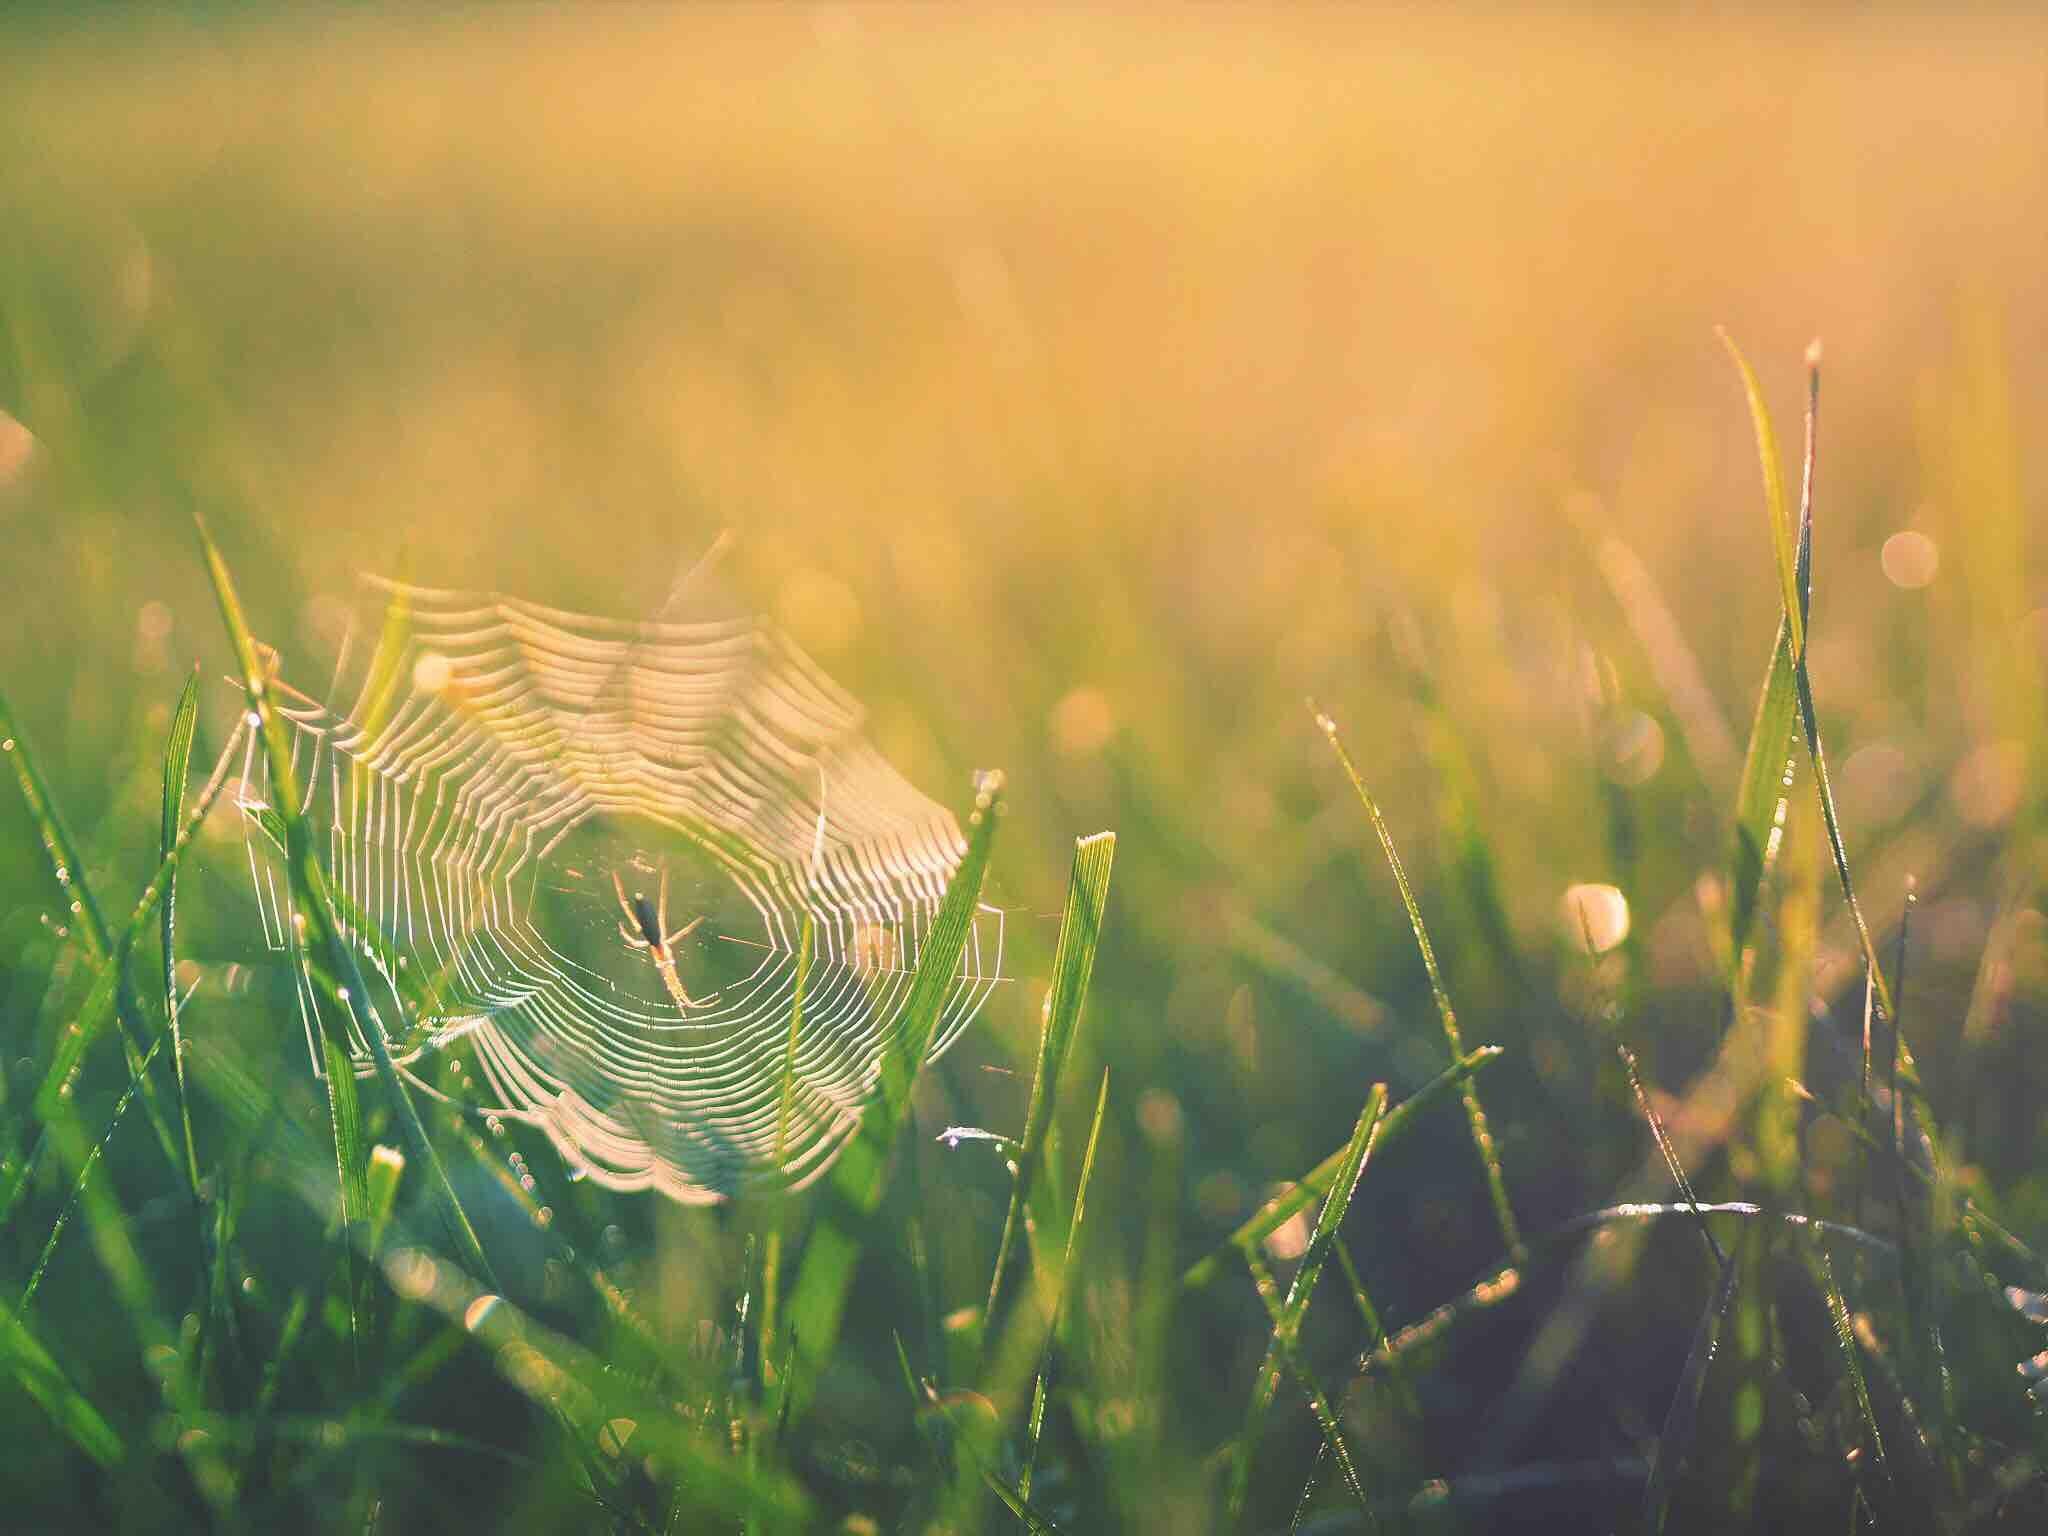 SPIDERWEB-unsplash.jpg